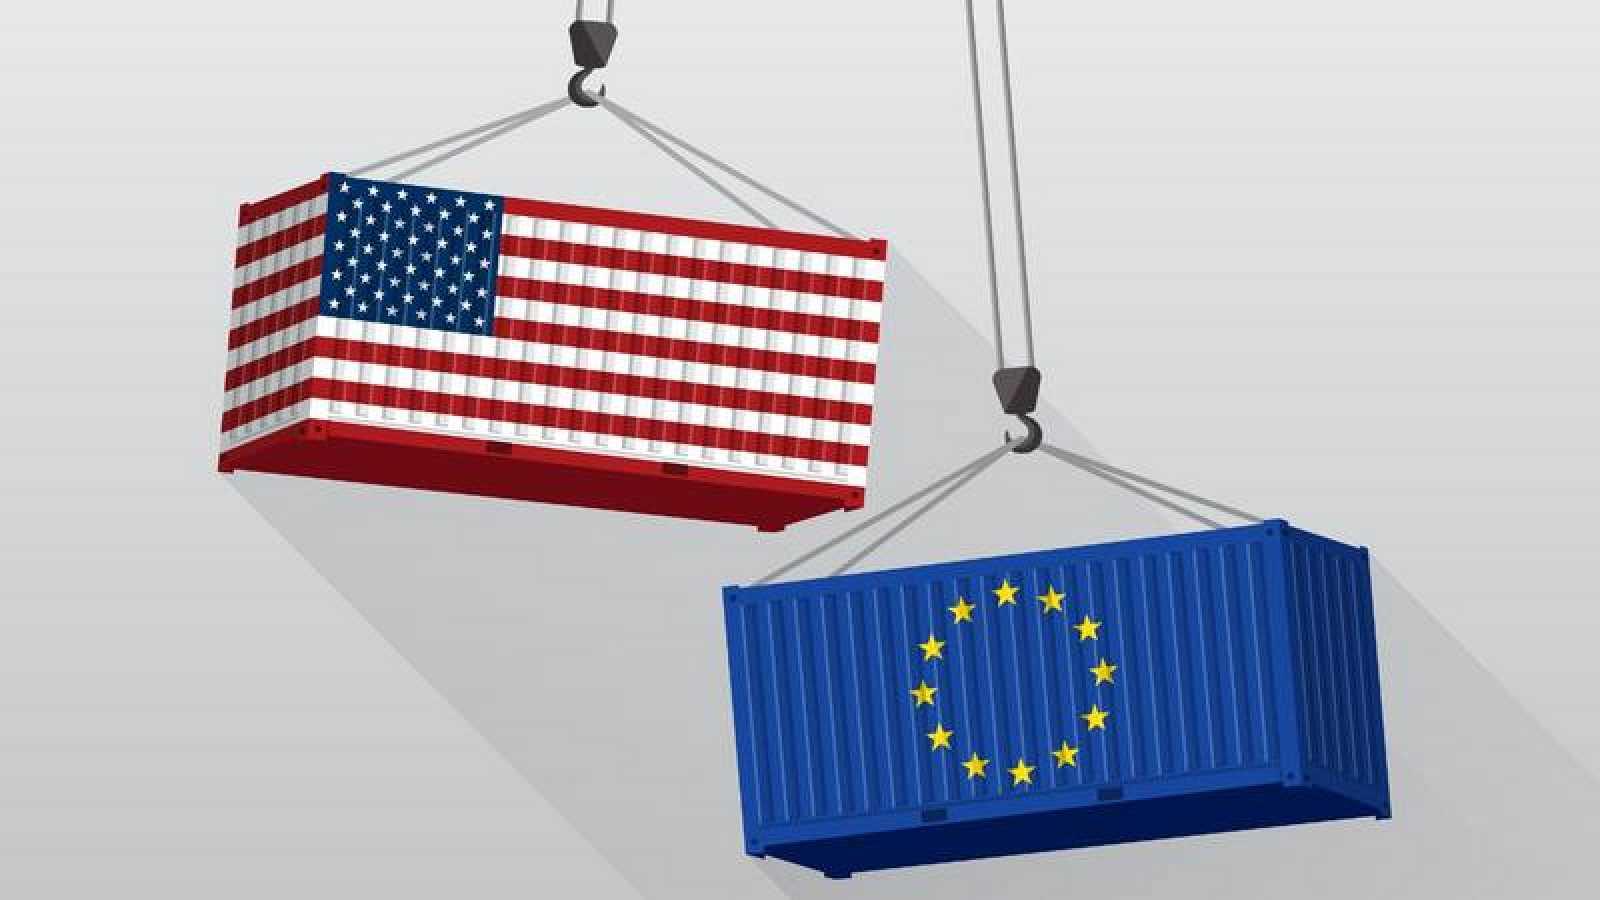 Dos contenedores con las banderas de Estados Unidos y de la Unión Europea